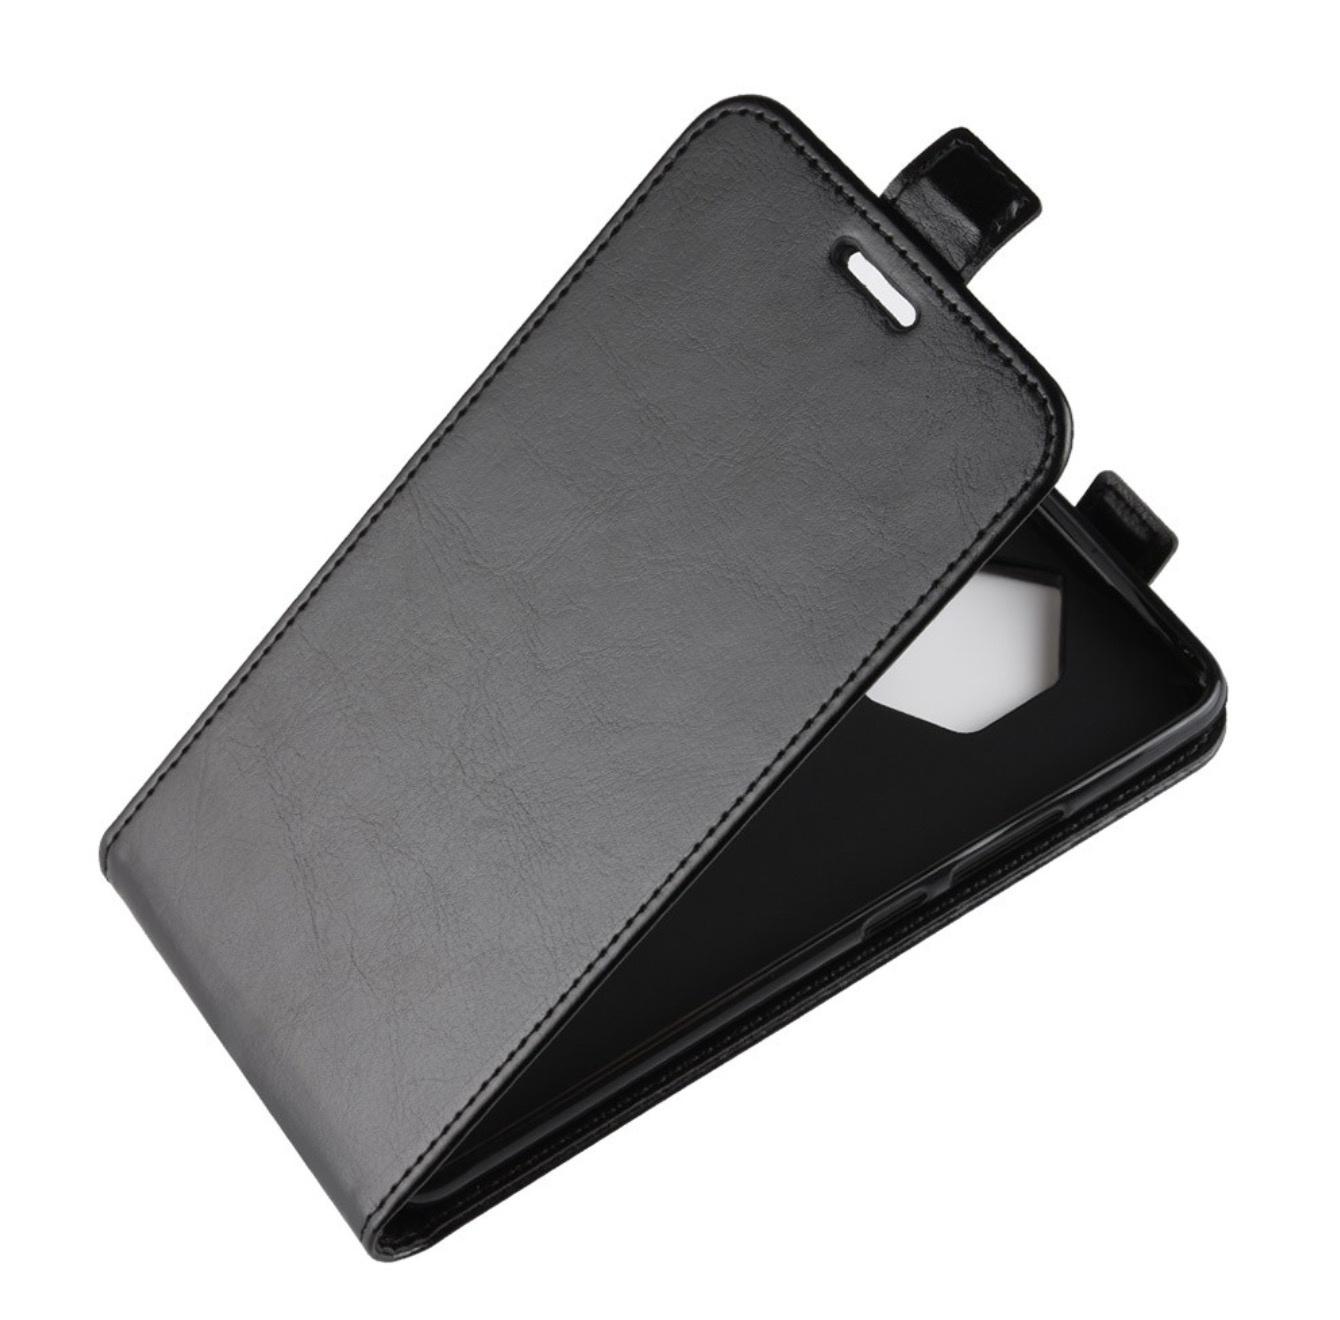 купить Чехол-флип MyPads для Alcatel One Touch Evolve 2 4037T вертикальный откидной черный по цене 453 рублей